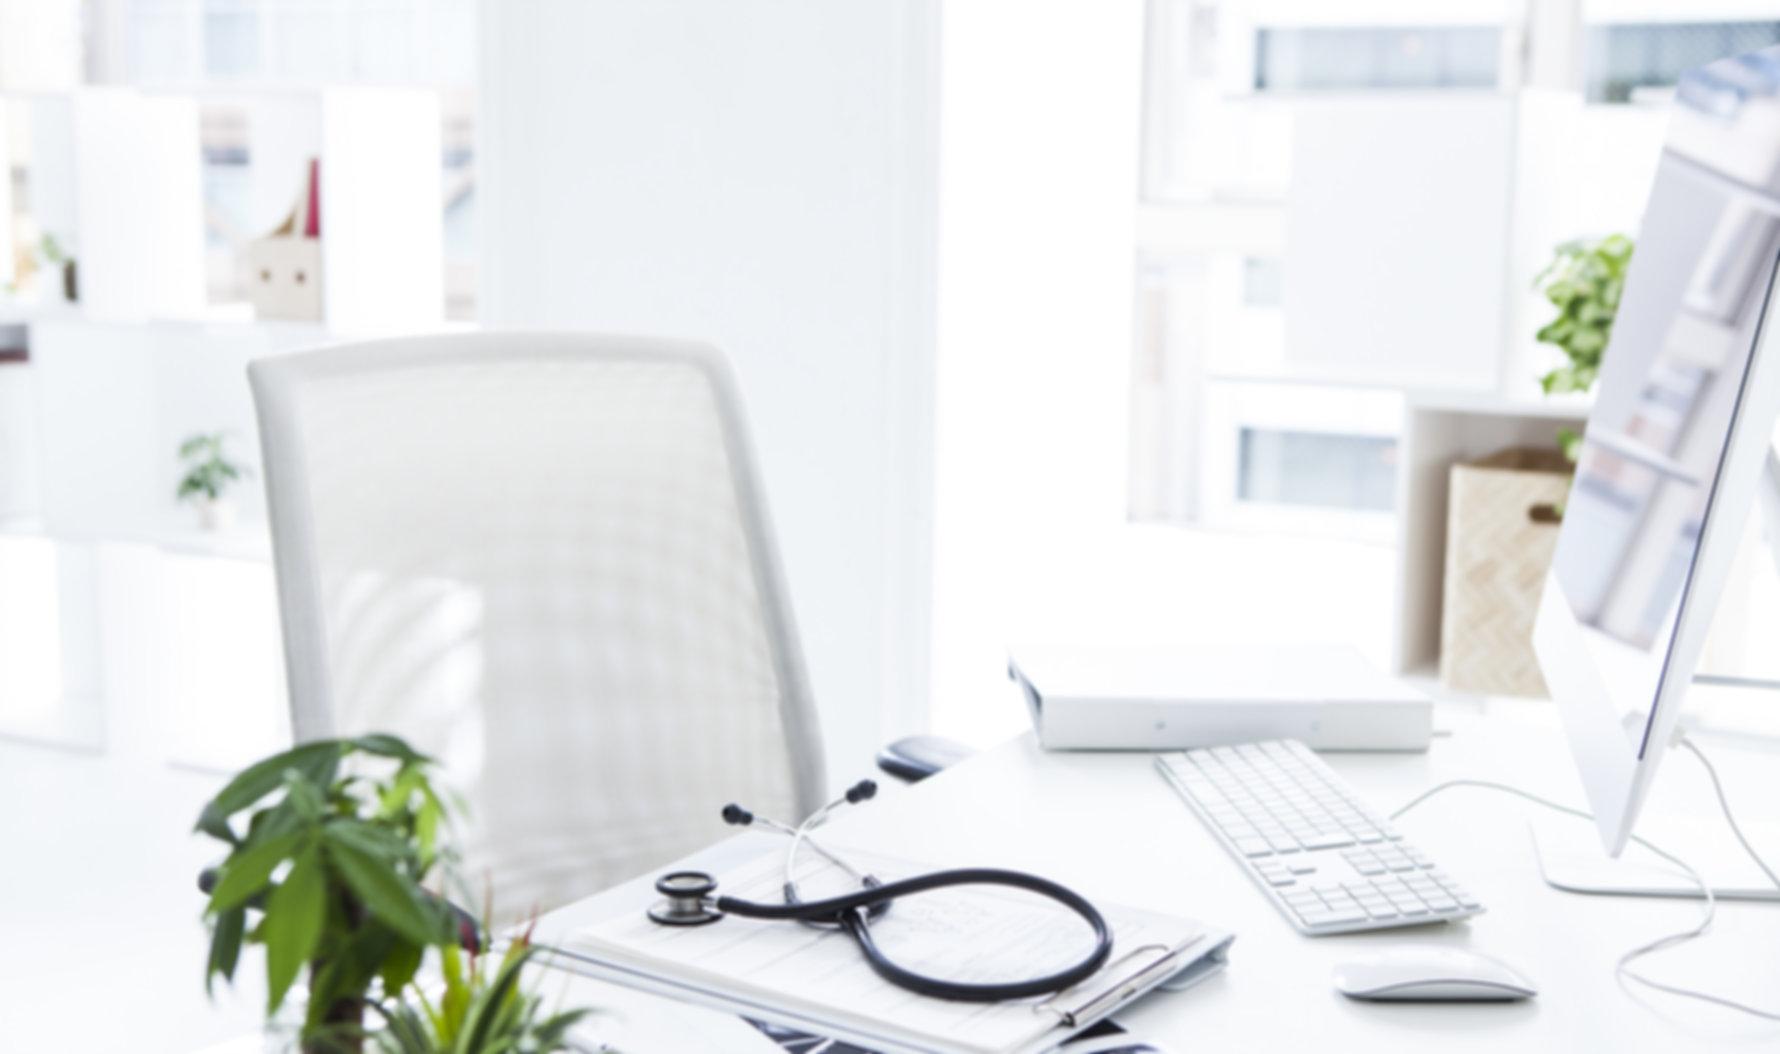 Tecnologias par a área da saúde